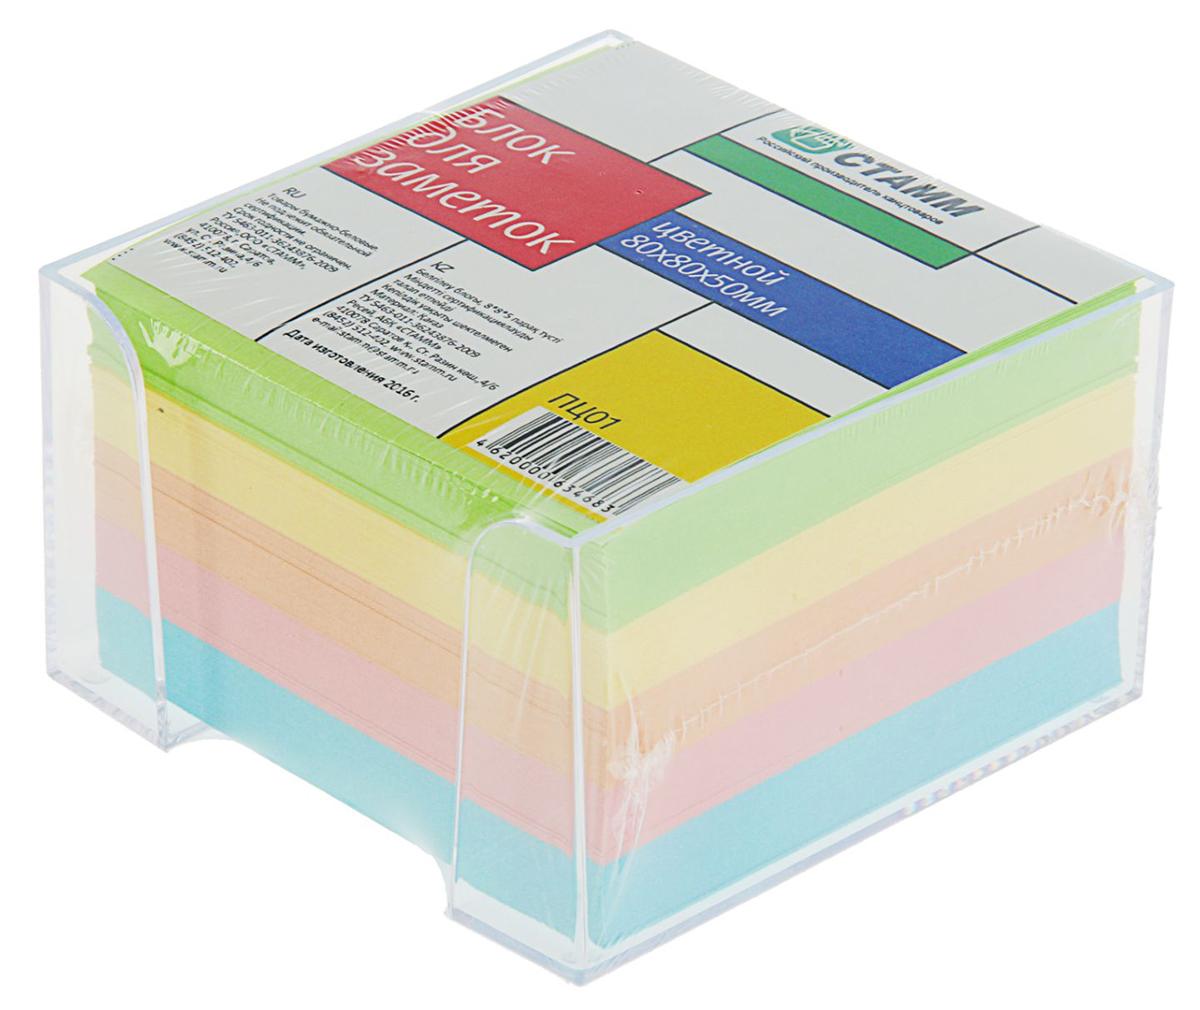 Стамм Блок для записей 8 x 8 х 5 см1889809Блок для записей - практичное решение для оперативной записи информации в офисе или дома.Блок состоит из листов разноцветной бумаги, что помогает лучше ориентироваться во множествеповседневных заметок.Яркий блок-кубик на вашем рабочем столе поднимет настроение вам ивашим коллегам!Бумага для записей поставляется в удобной пластиковой подставке. Когдабумага закончится, можно вставить сменный блок.